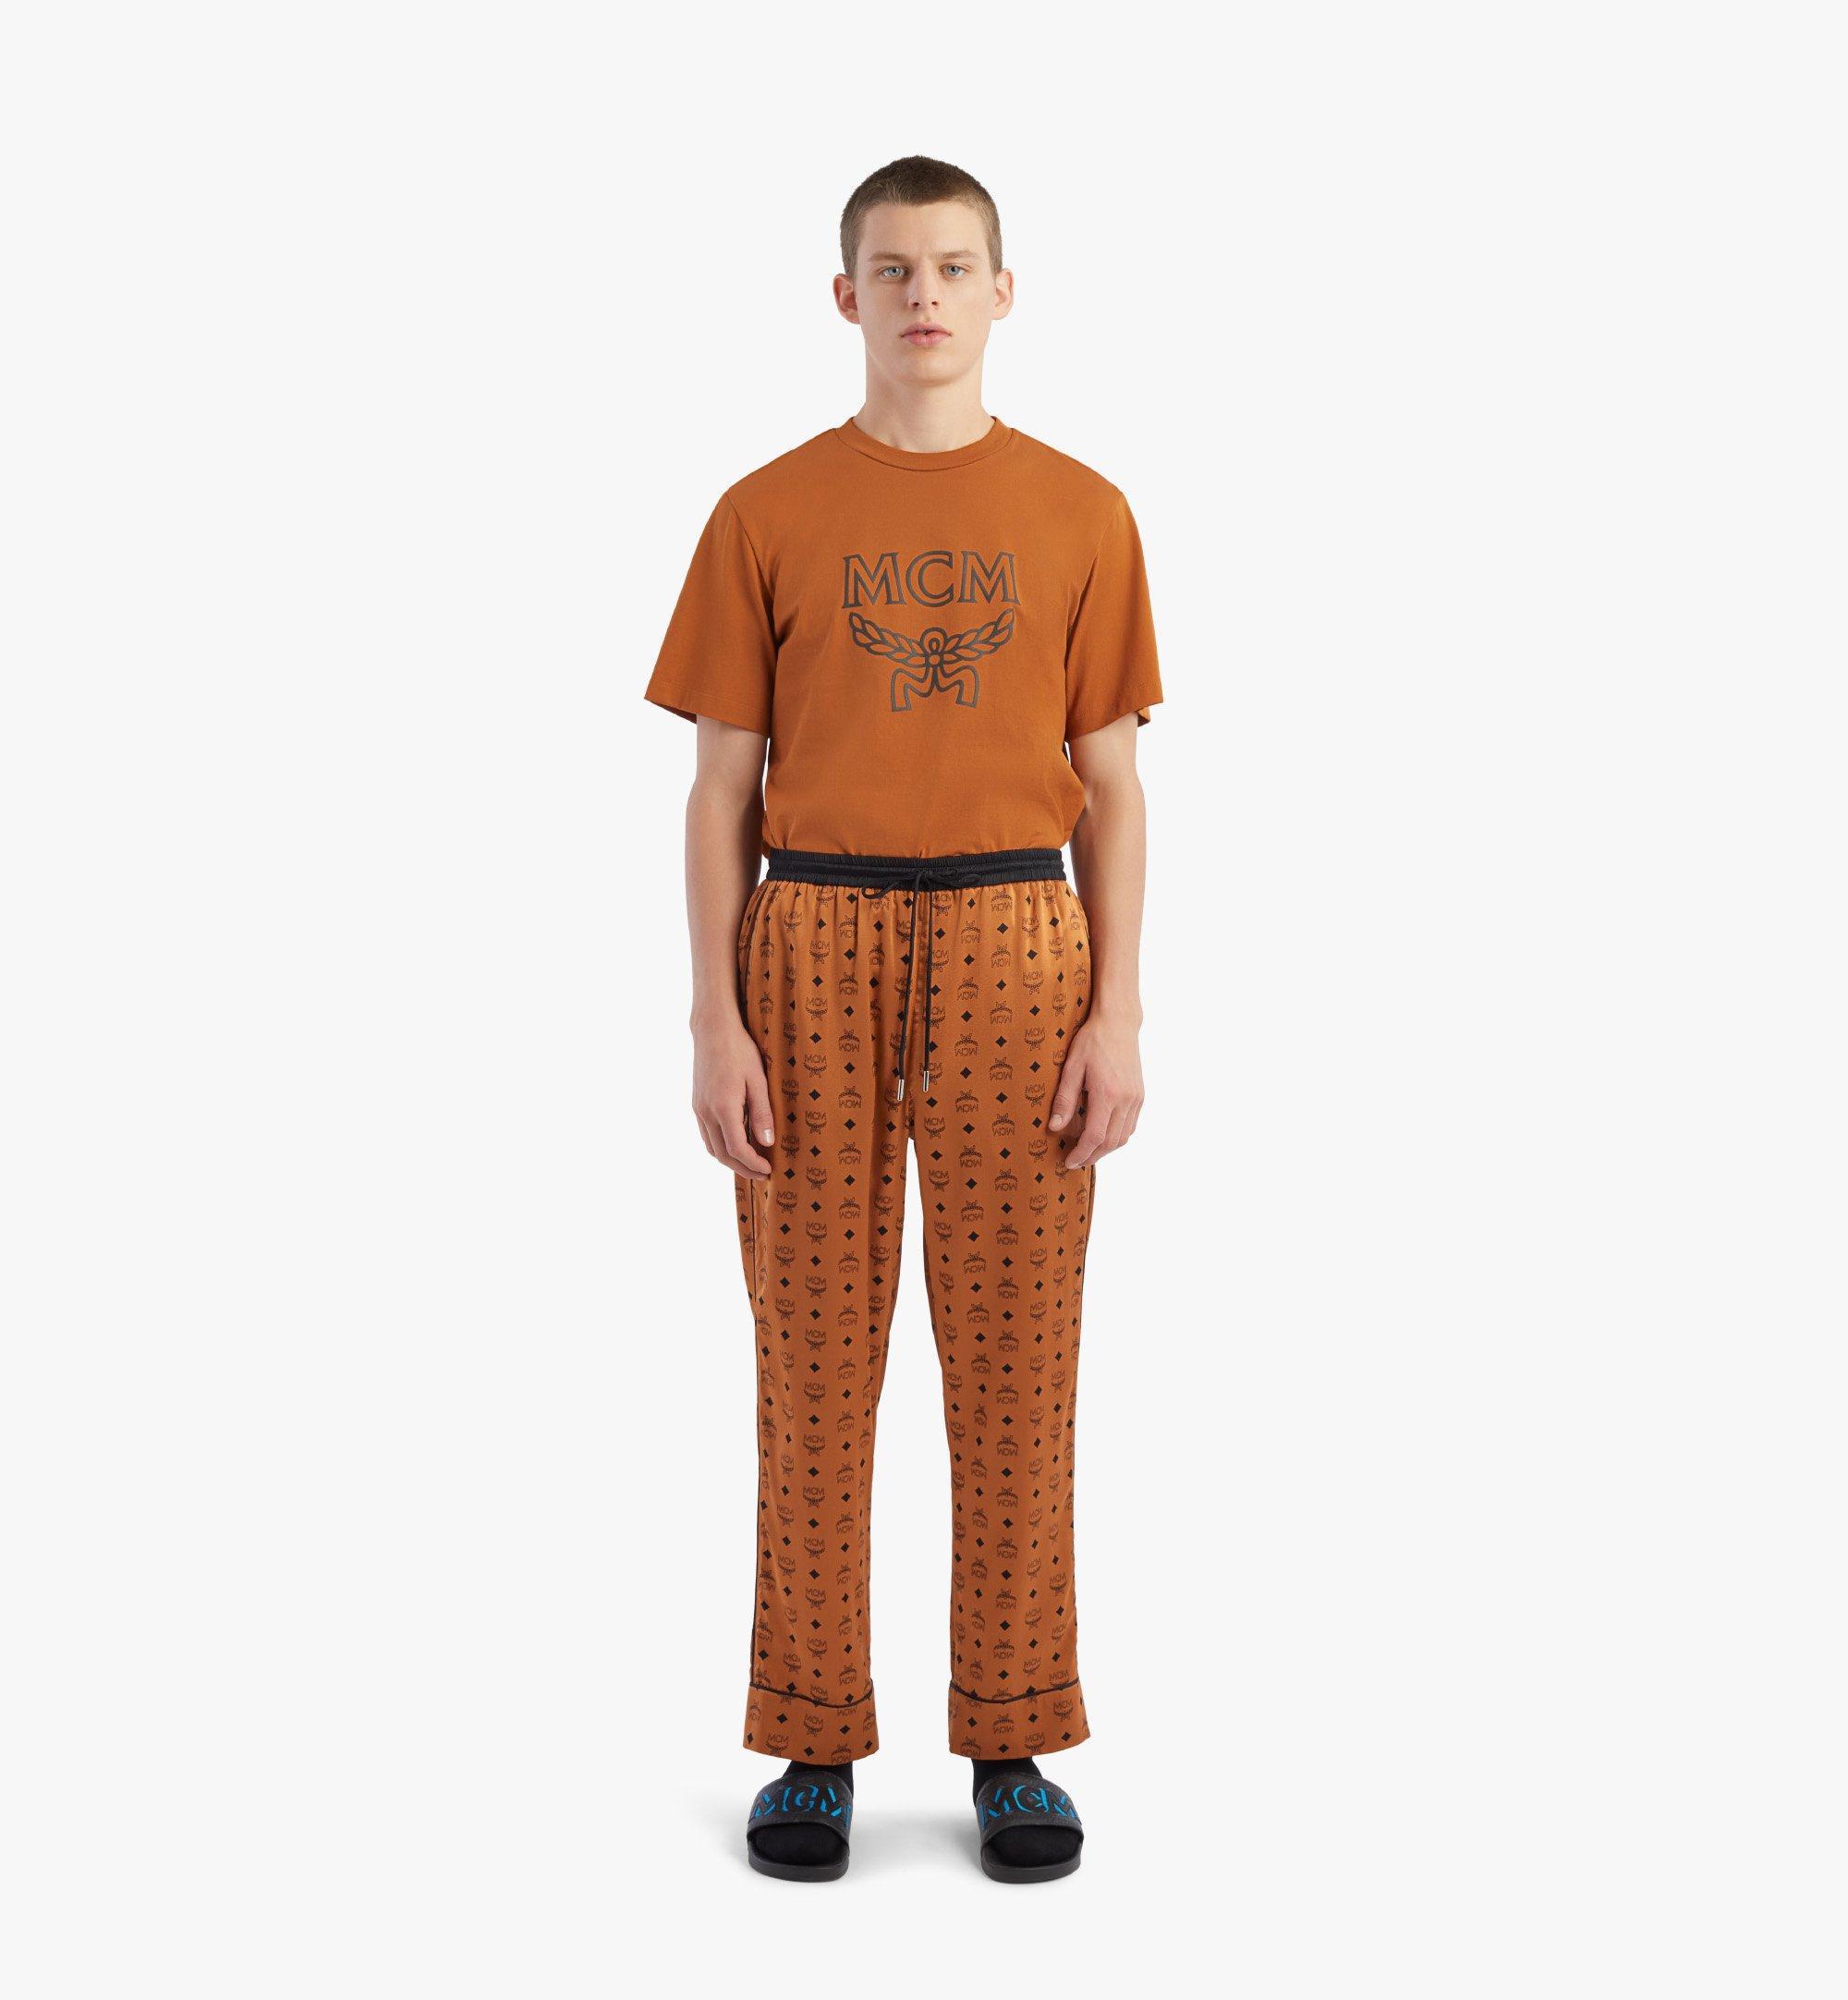 MCM Pantalon de pyjama classique en soie à imprimé logo Cognac MHXBSMM09CO0XL Plus de photos 3